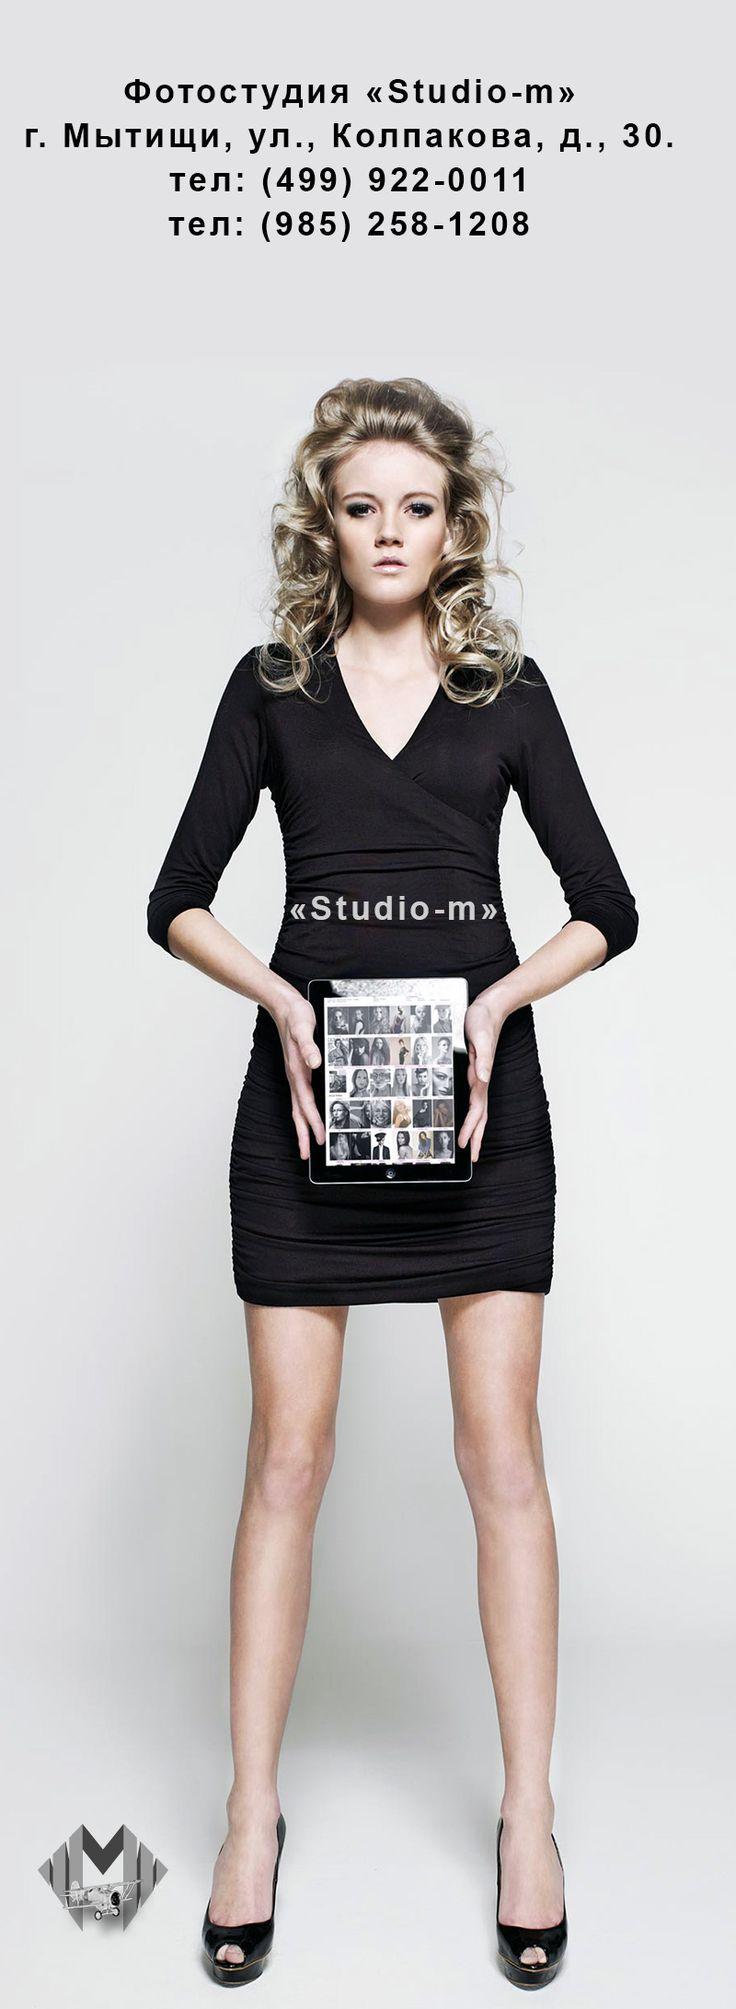 Современная цифровая фотография.